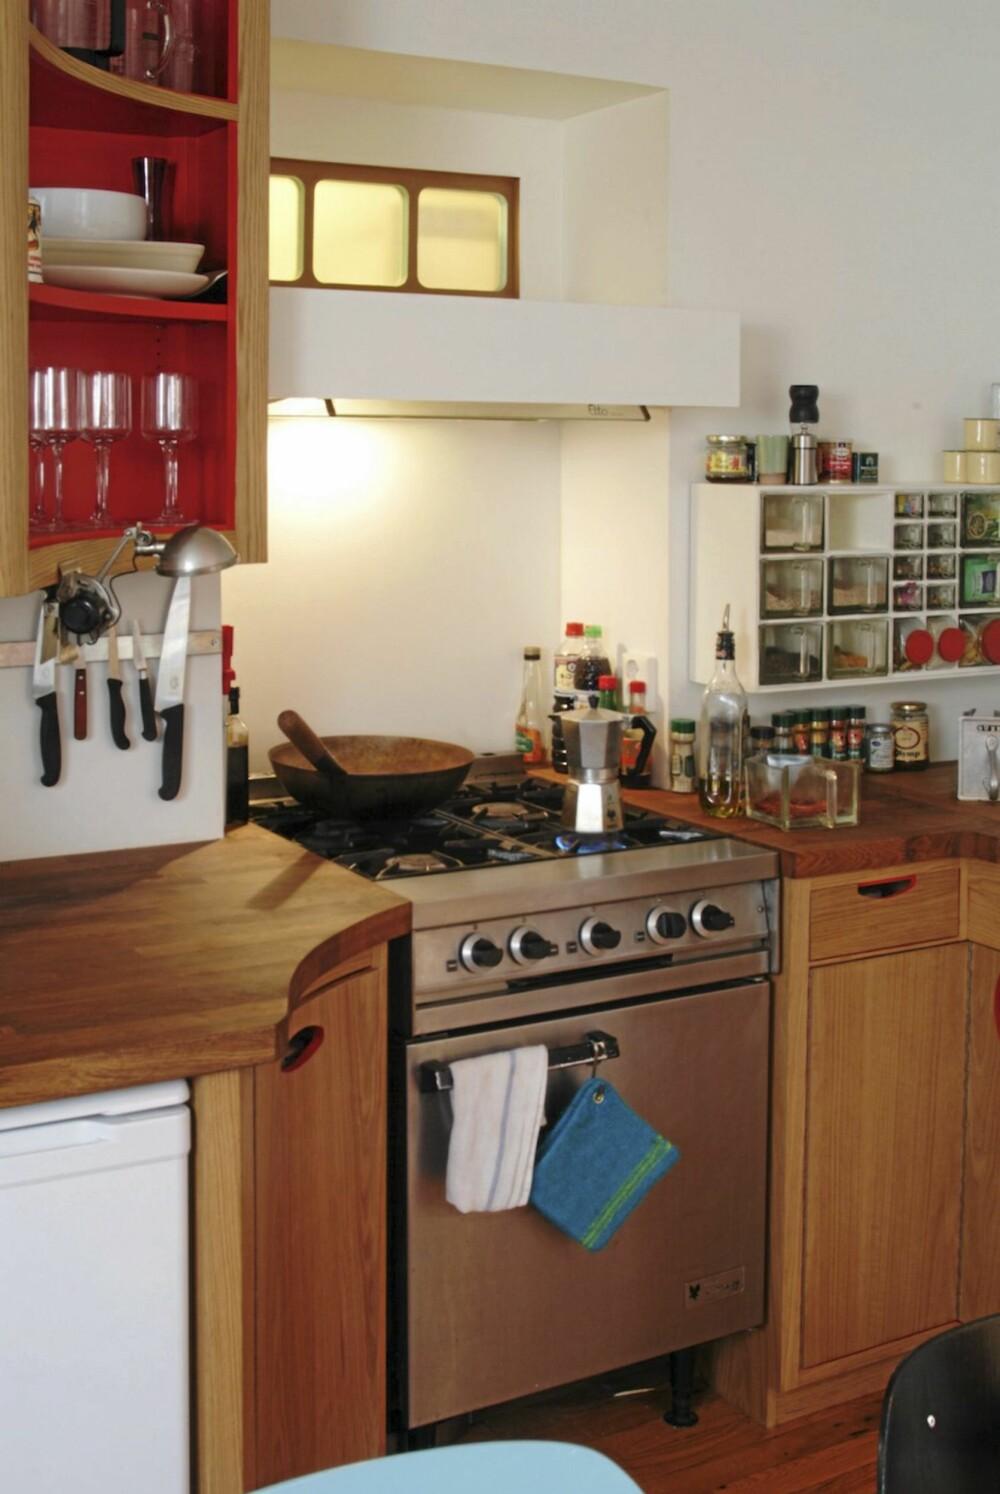 KULT KJØKKEN: Eieren snekret et kjøkken i massiv eik til den nyoppussete leiligheten. Legg merke til de kraftige dimensjonene og de røde kontrastfargene i deler av innredningen. En rekke små vinduer av frostet glass gir lys i rommet rett bak skilleveggen.